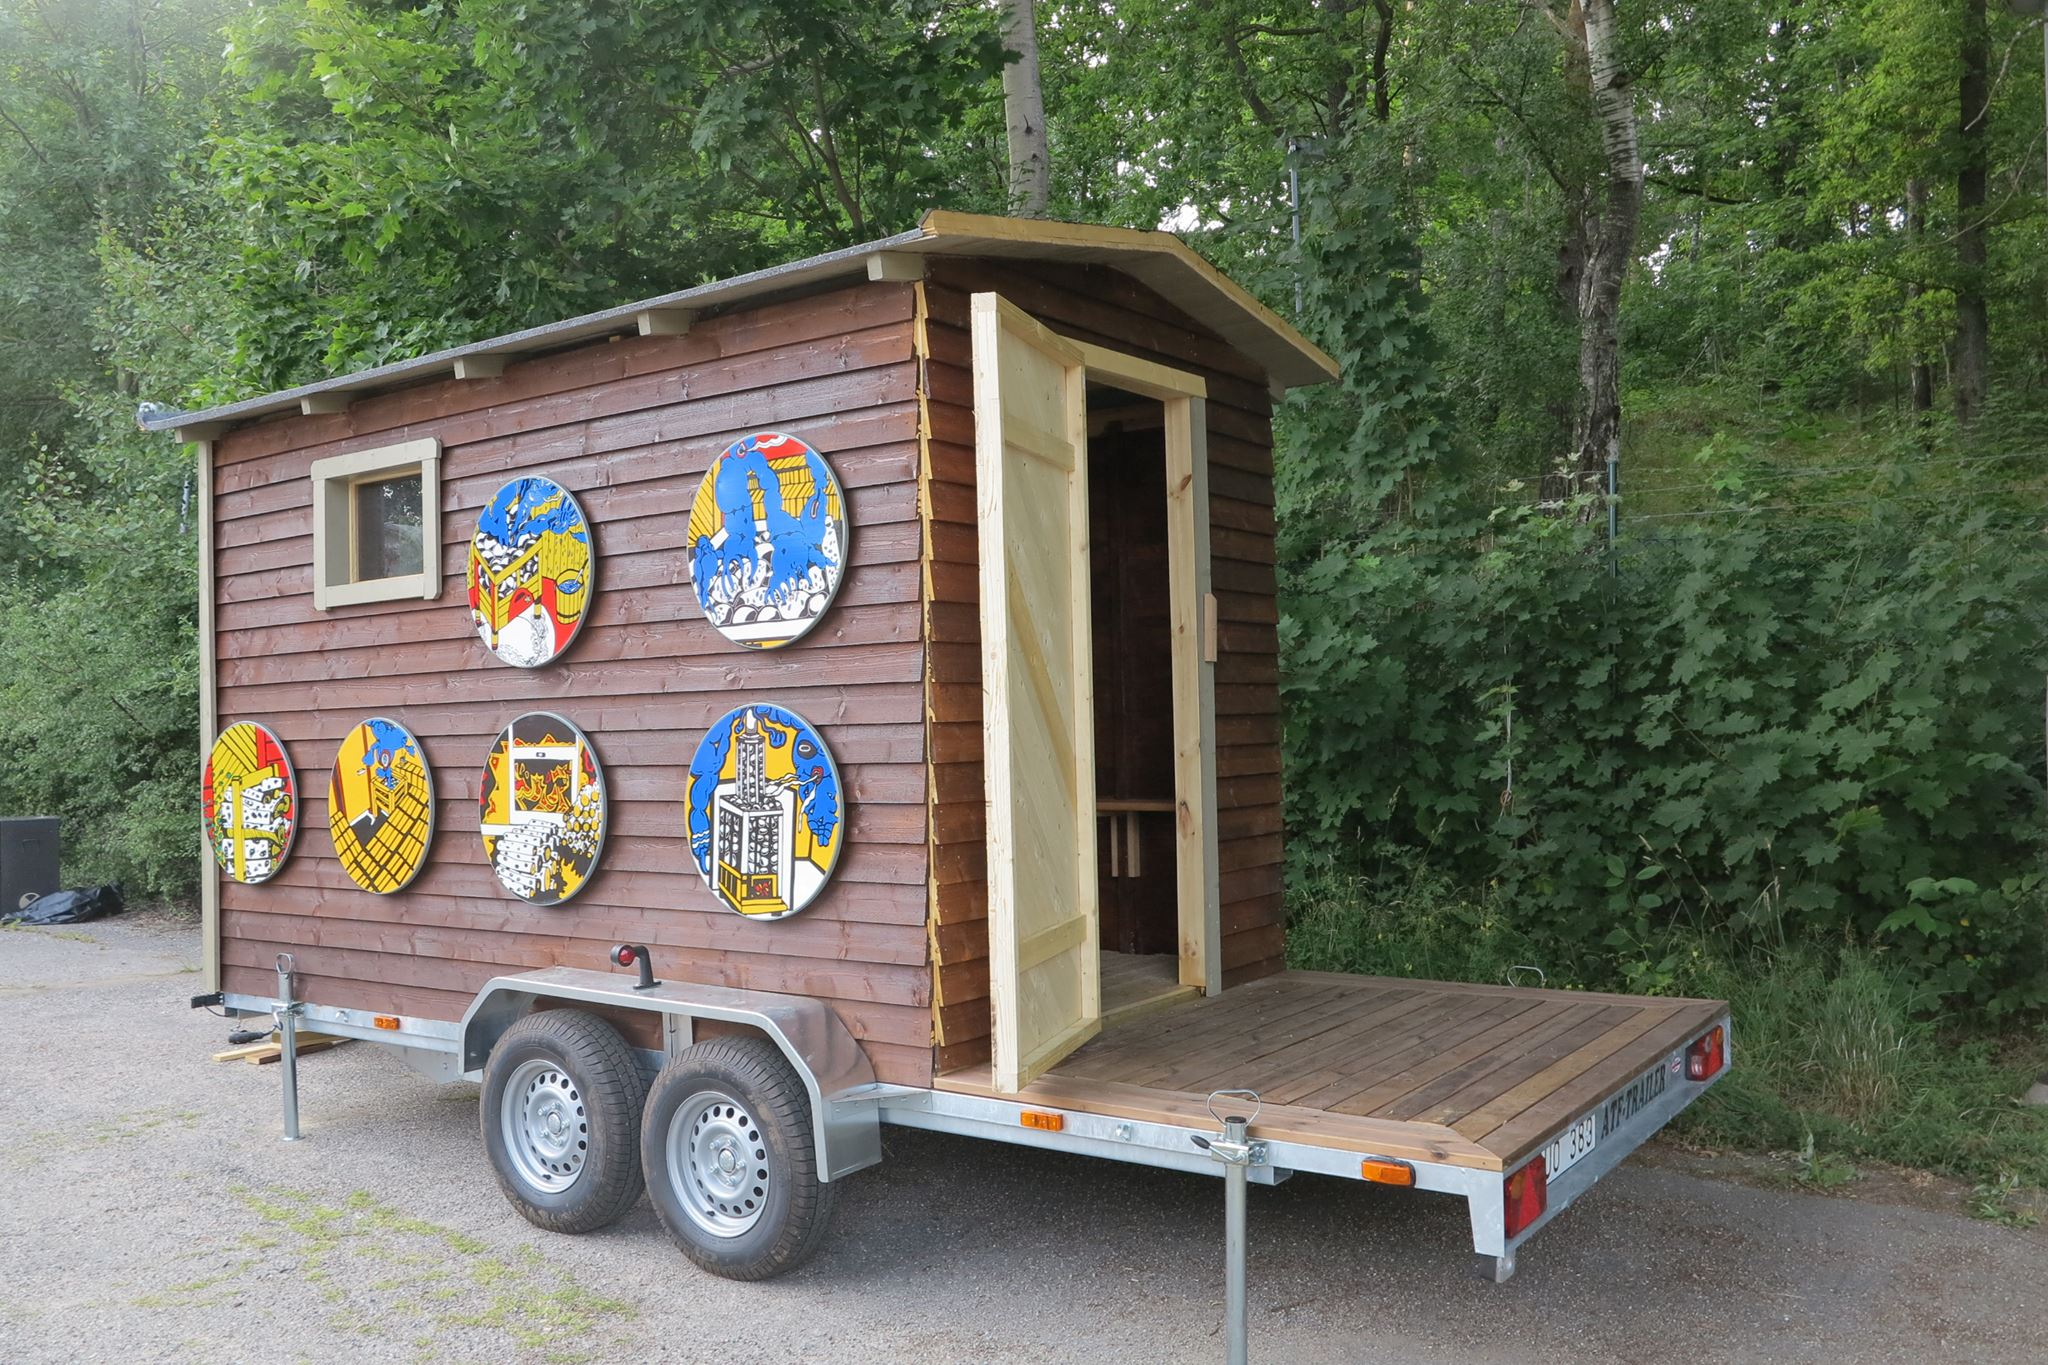 Exterior of the Art Sauna.